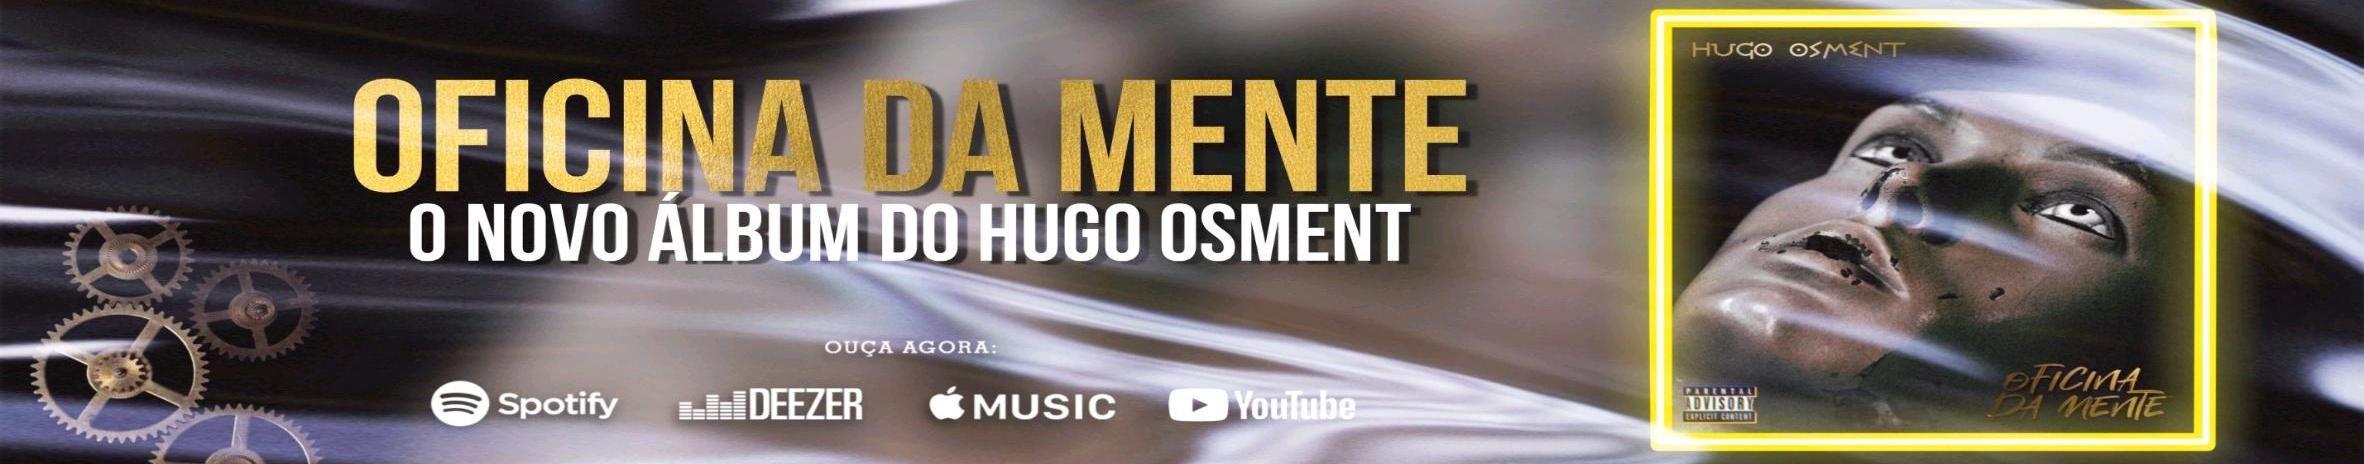 Imagem de capa de Hugo Osment